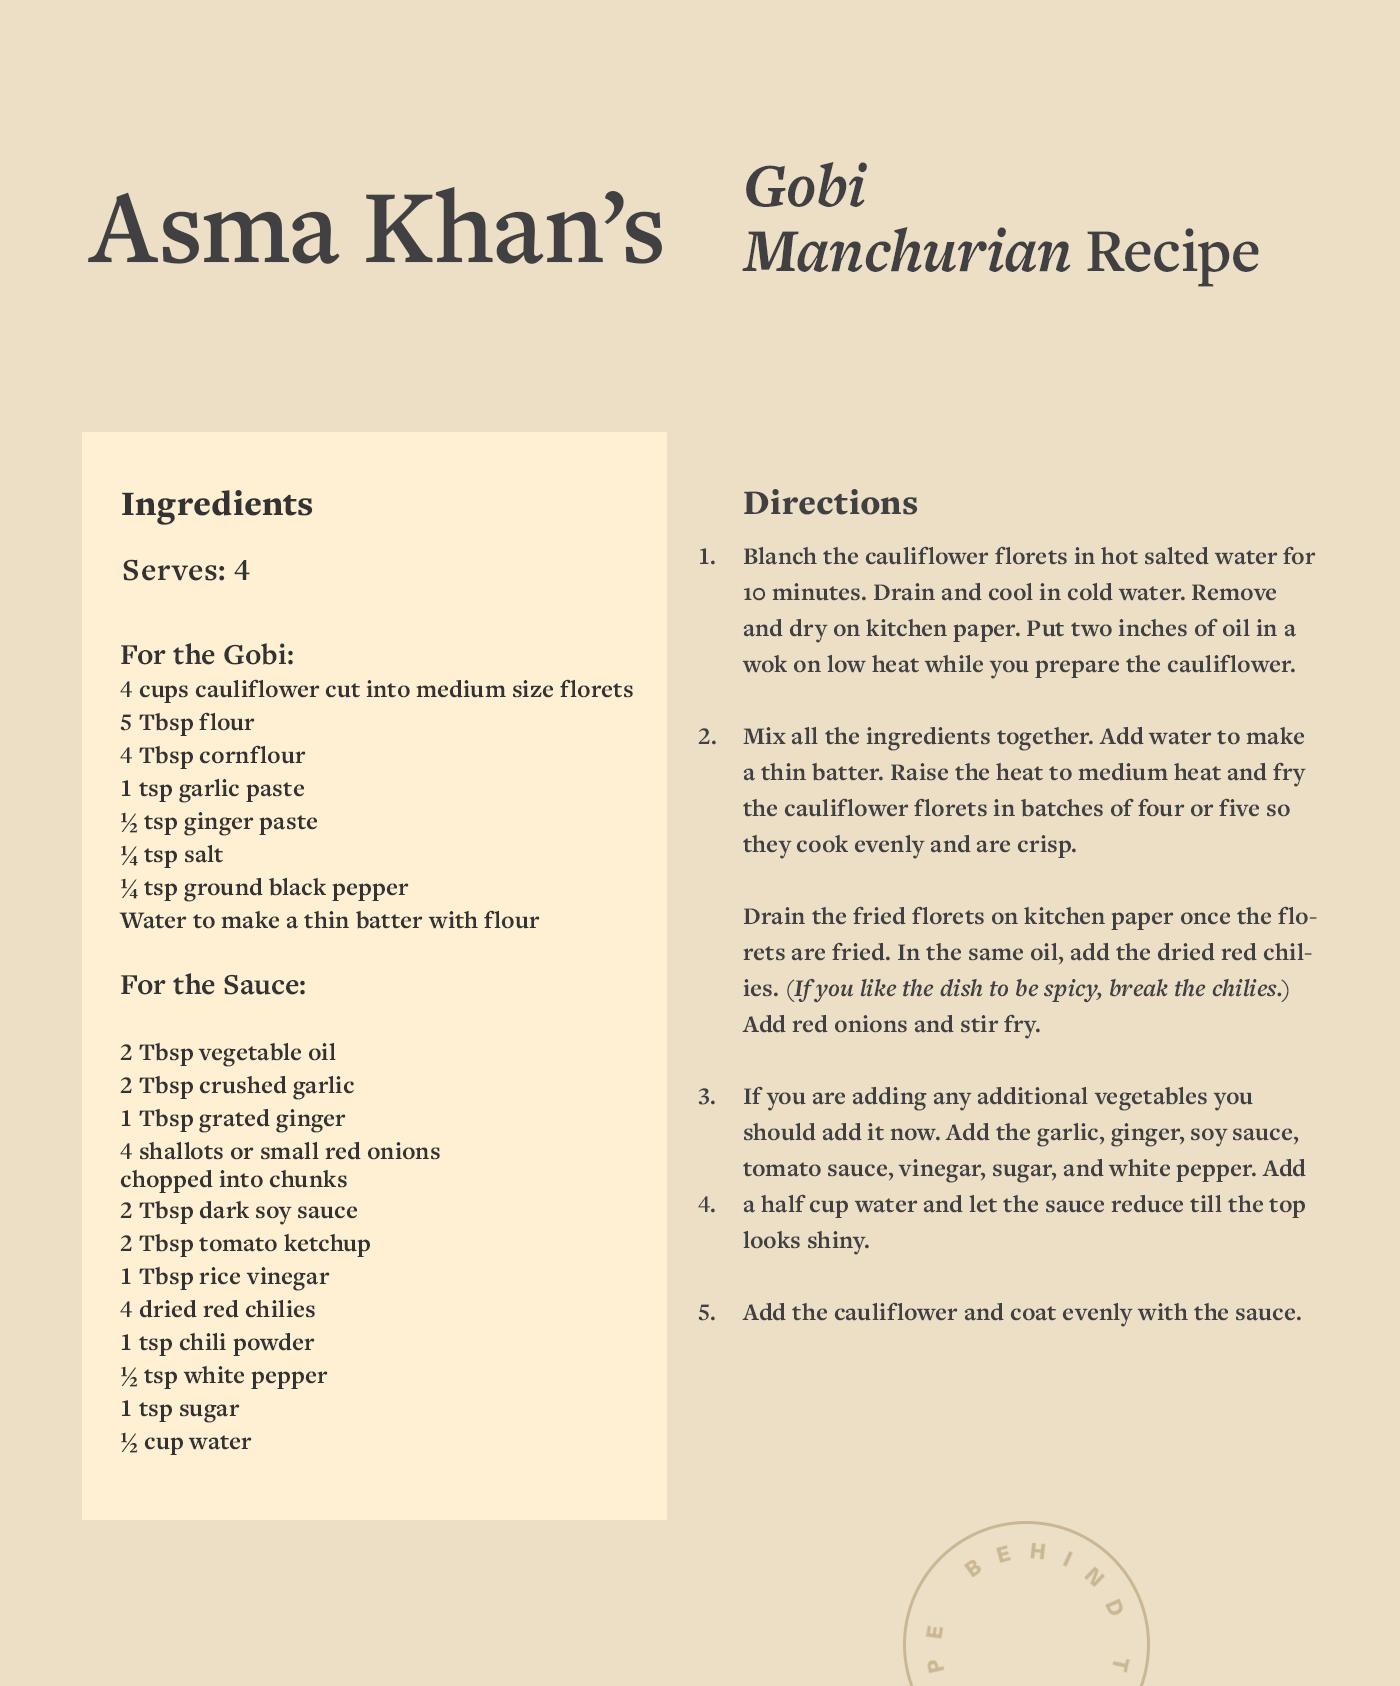 gobi manchurian recipe card